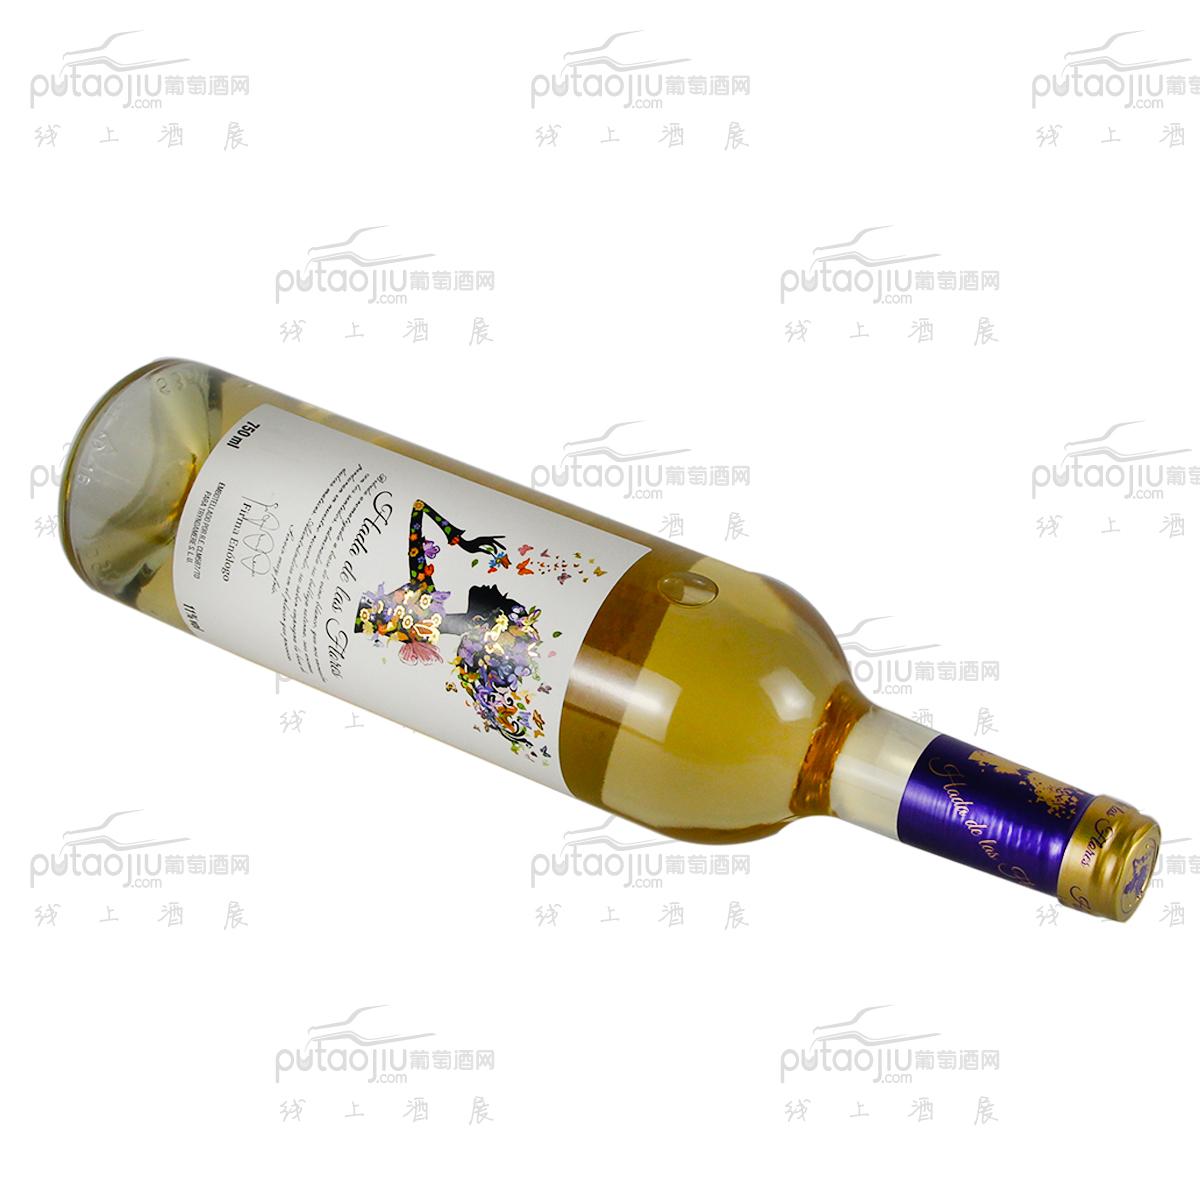 西班牙托萊多卡洛斯三世酒莊混釀花仙子半甜白葡萄酒